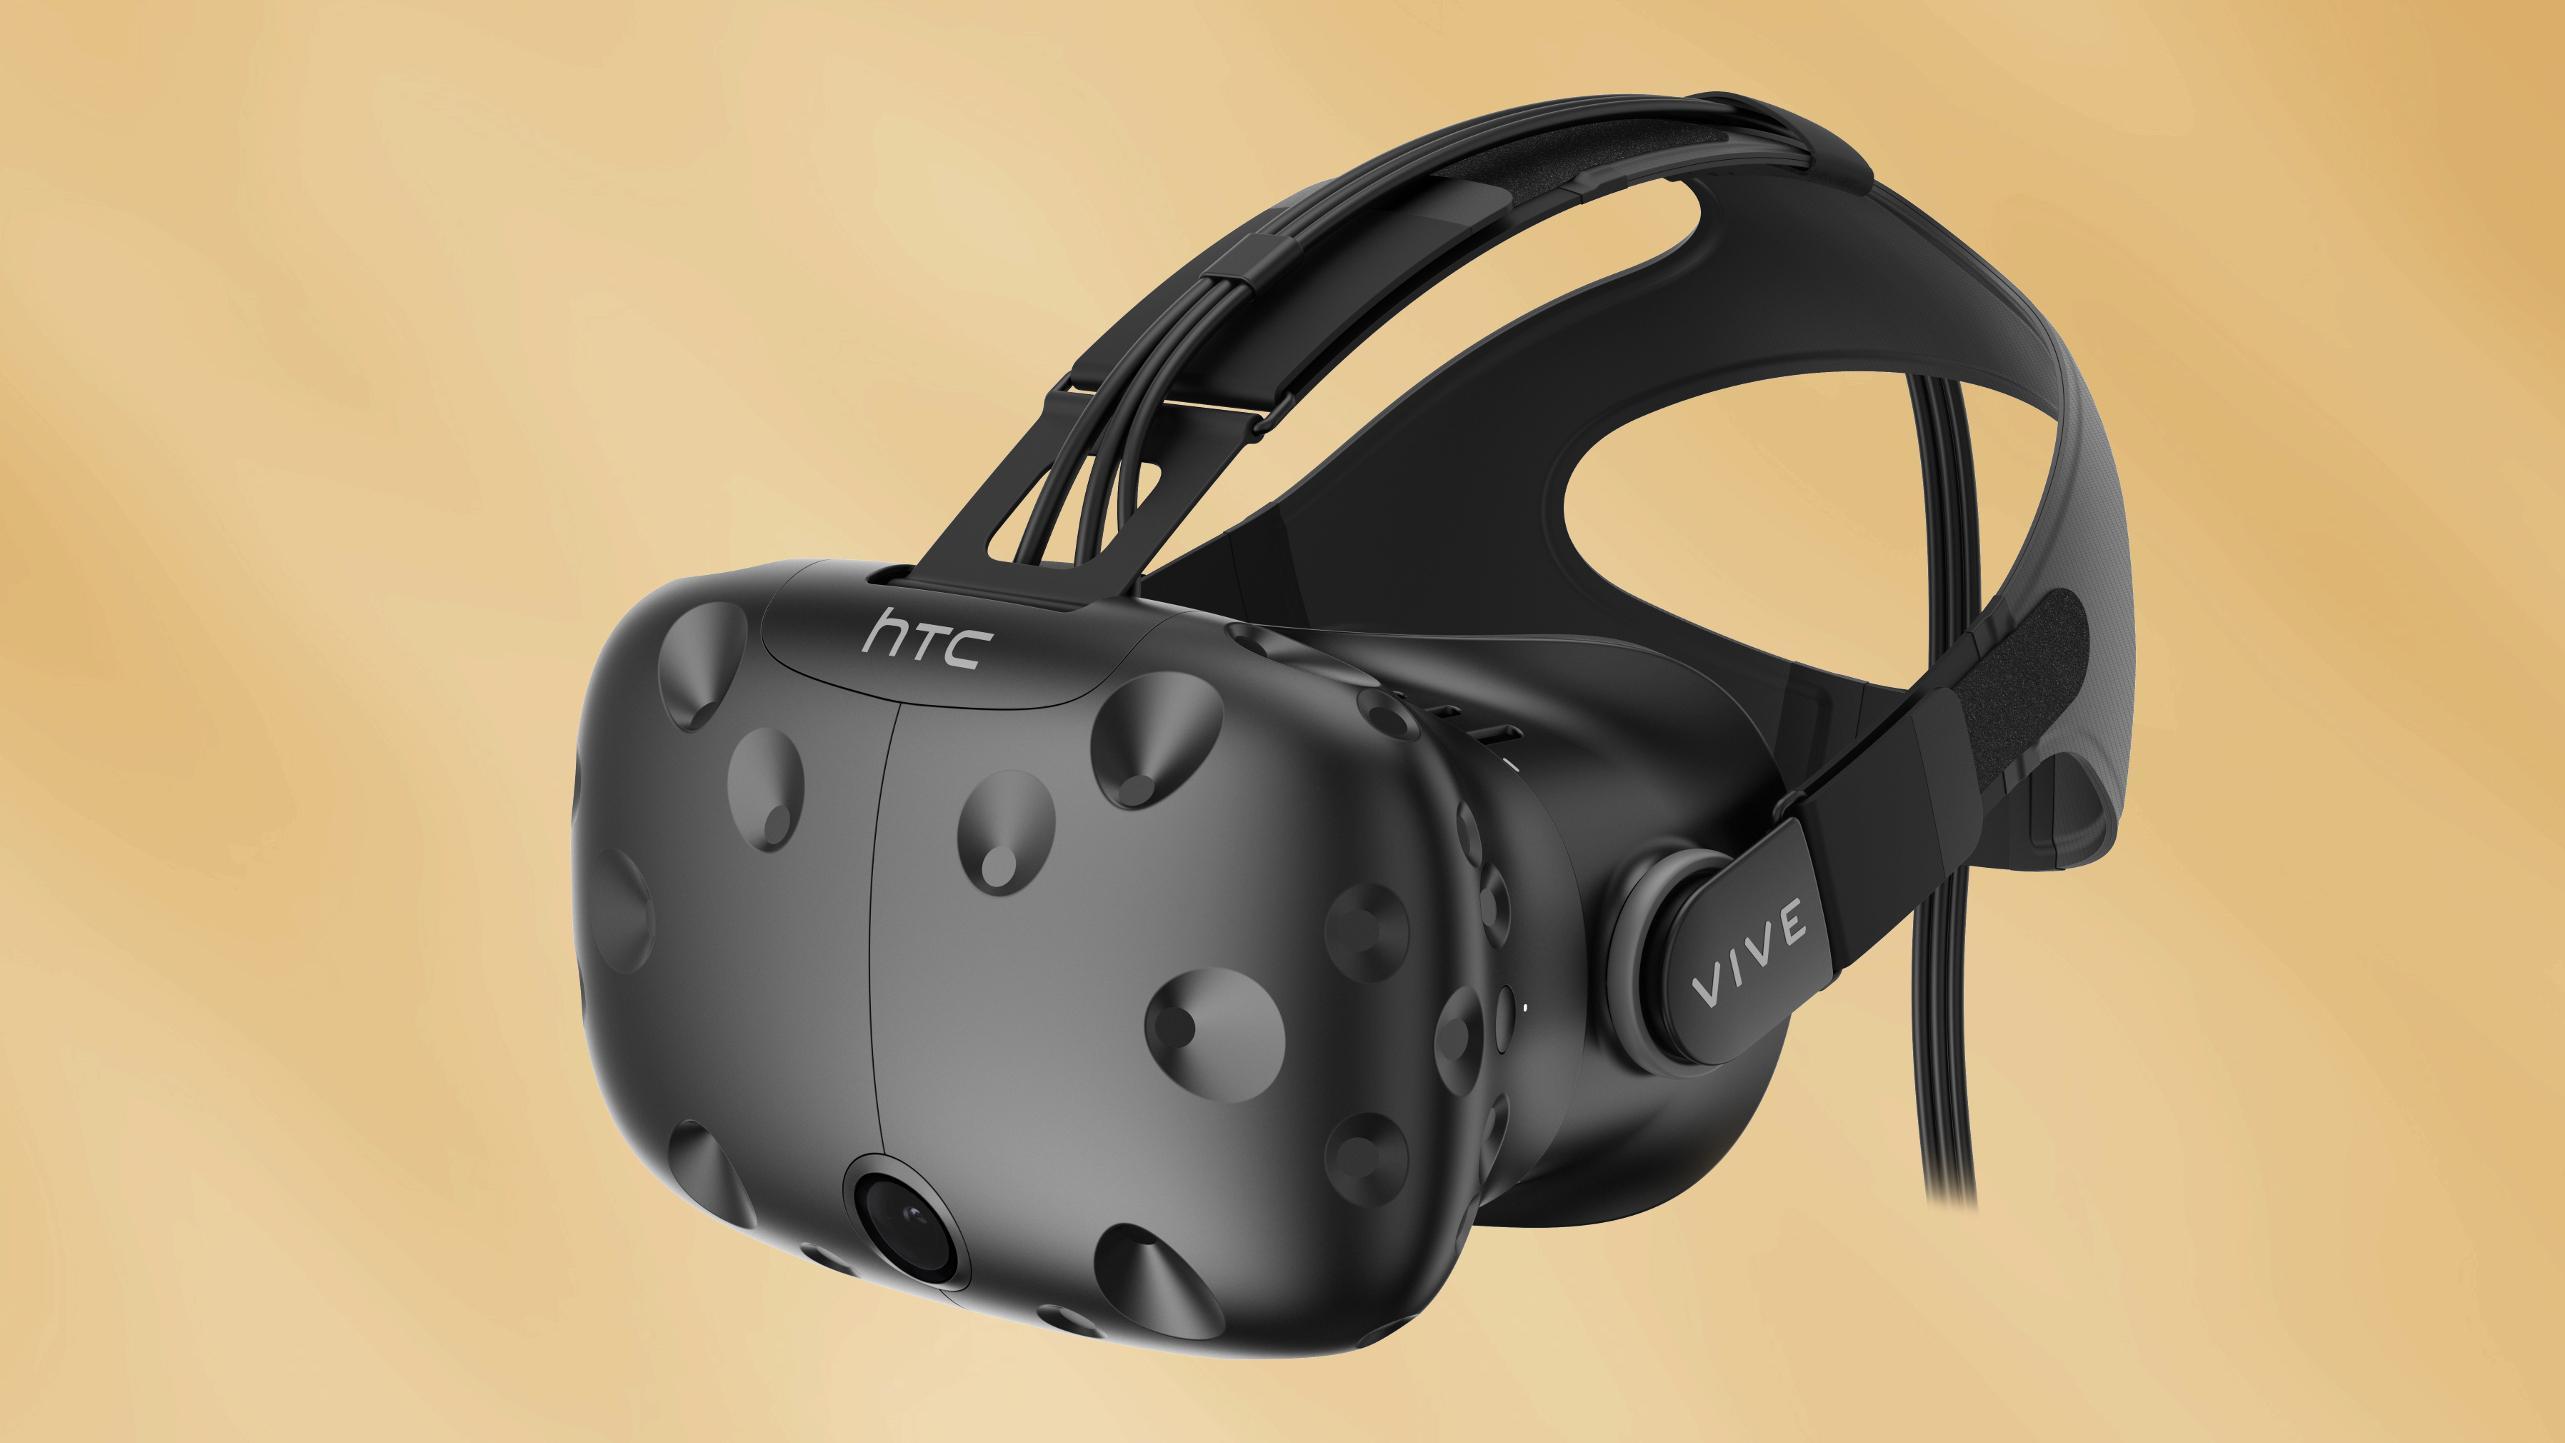 Sonys VR-briller er cirka 5000 kroner billigere enn HTC Vive, her avbildet, men har følgelig også lavere ytelse.